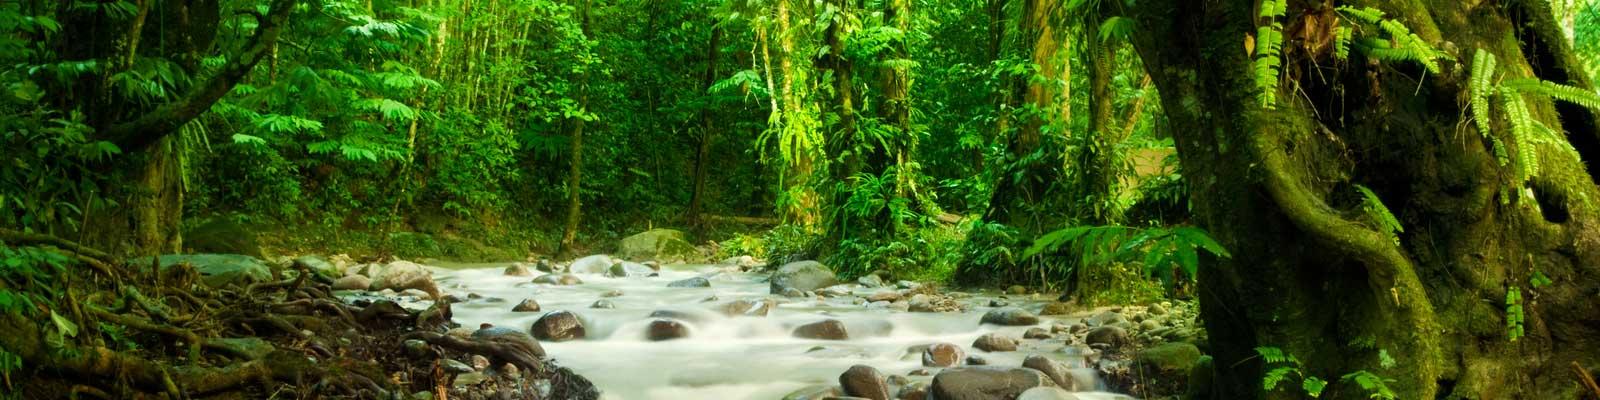 Costa Rica Immobili - Case vacanza, immobili di prestigio, immobili sulla spiaggia - Investimenti di valore